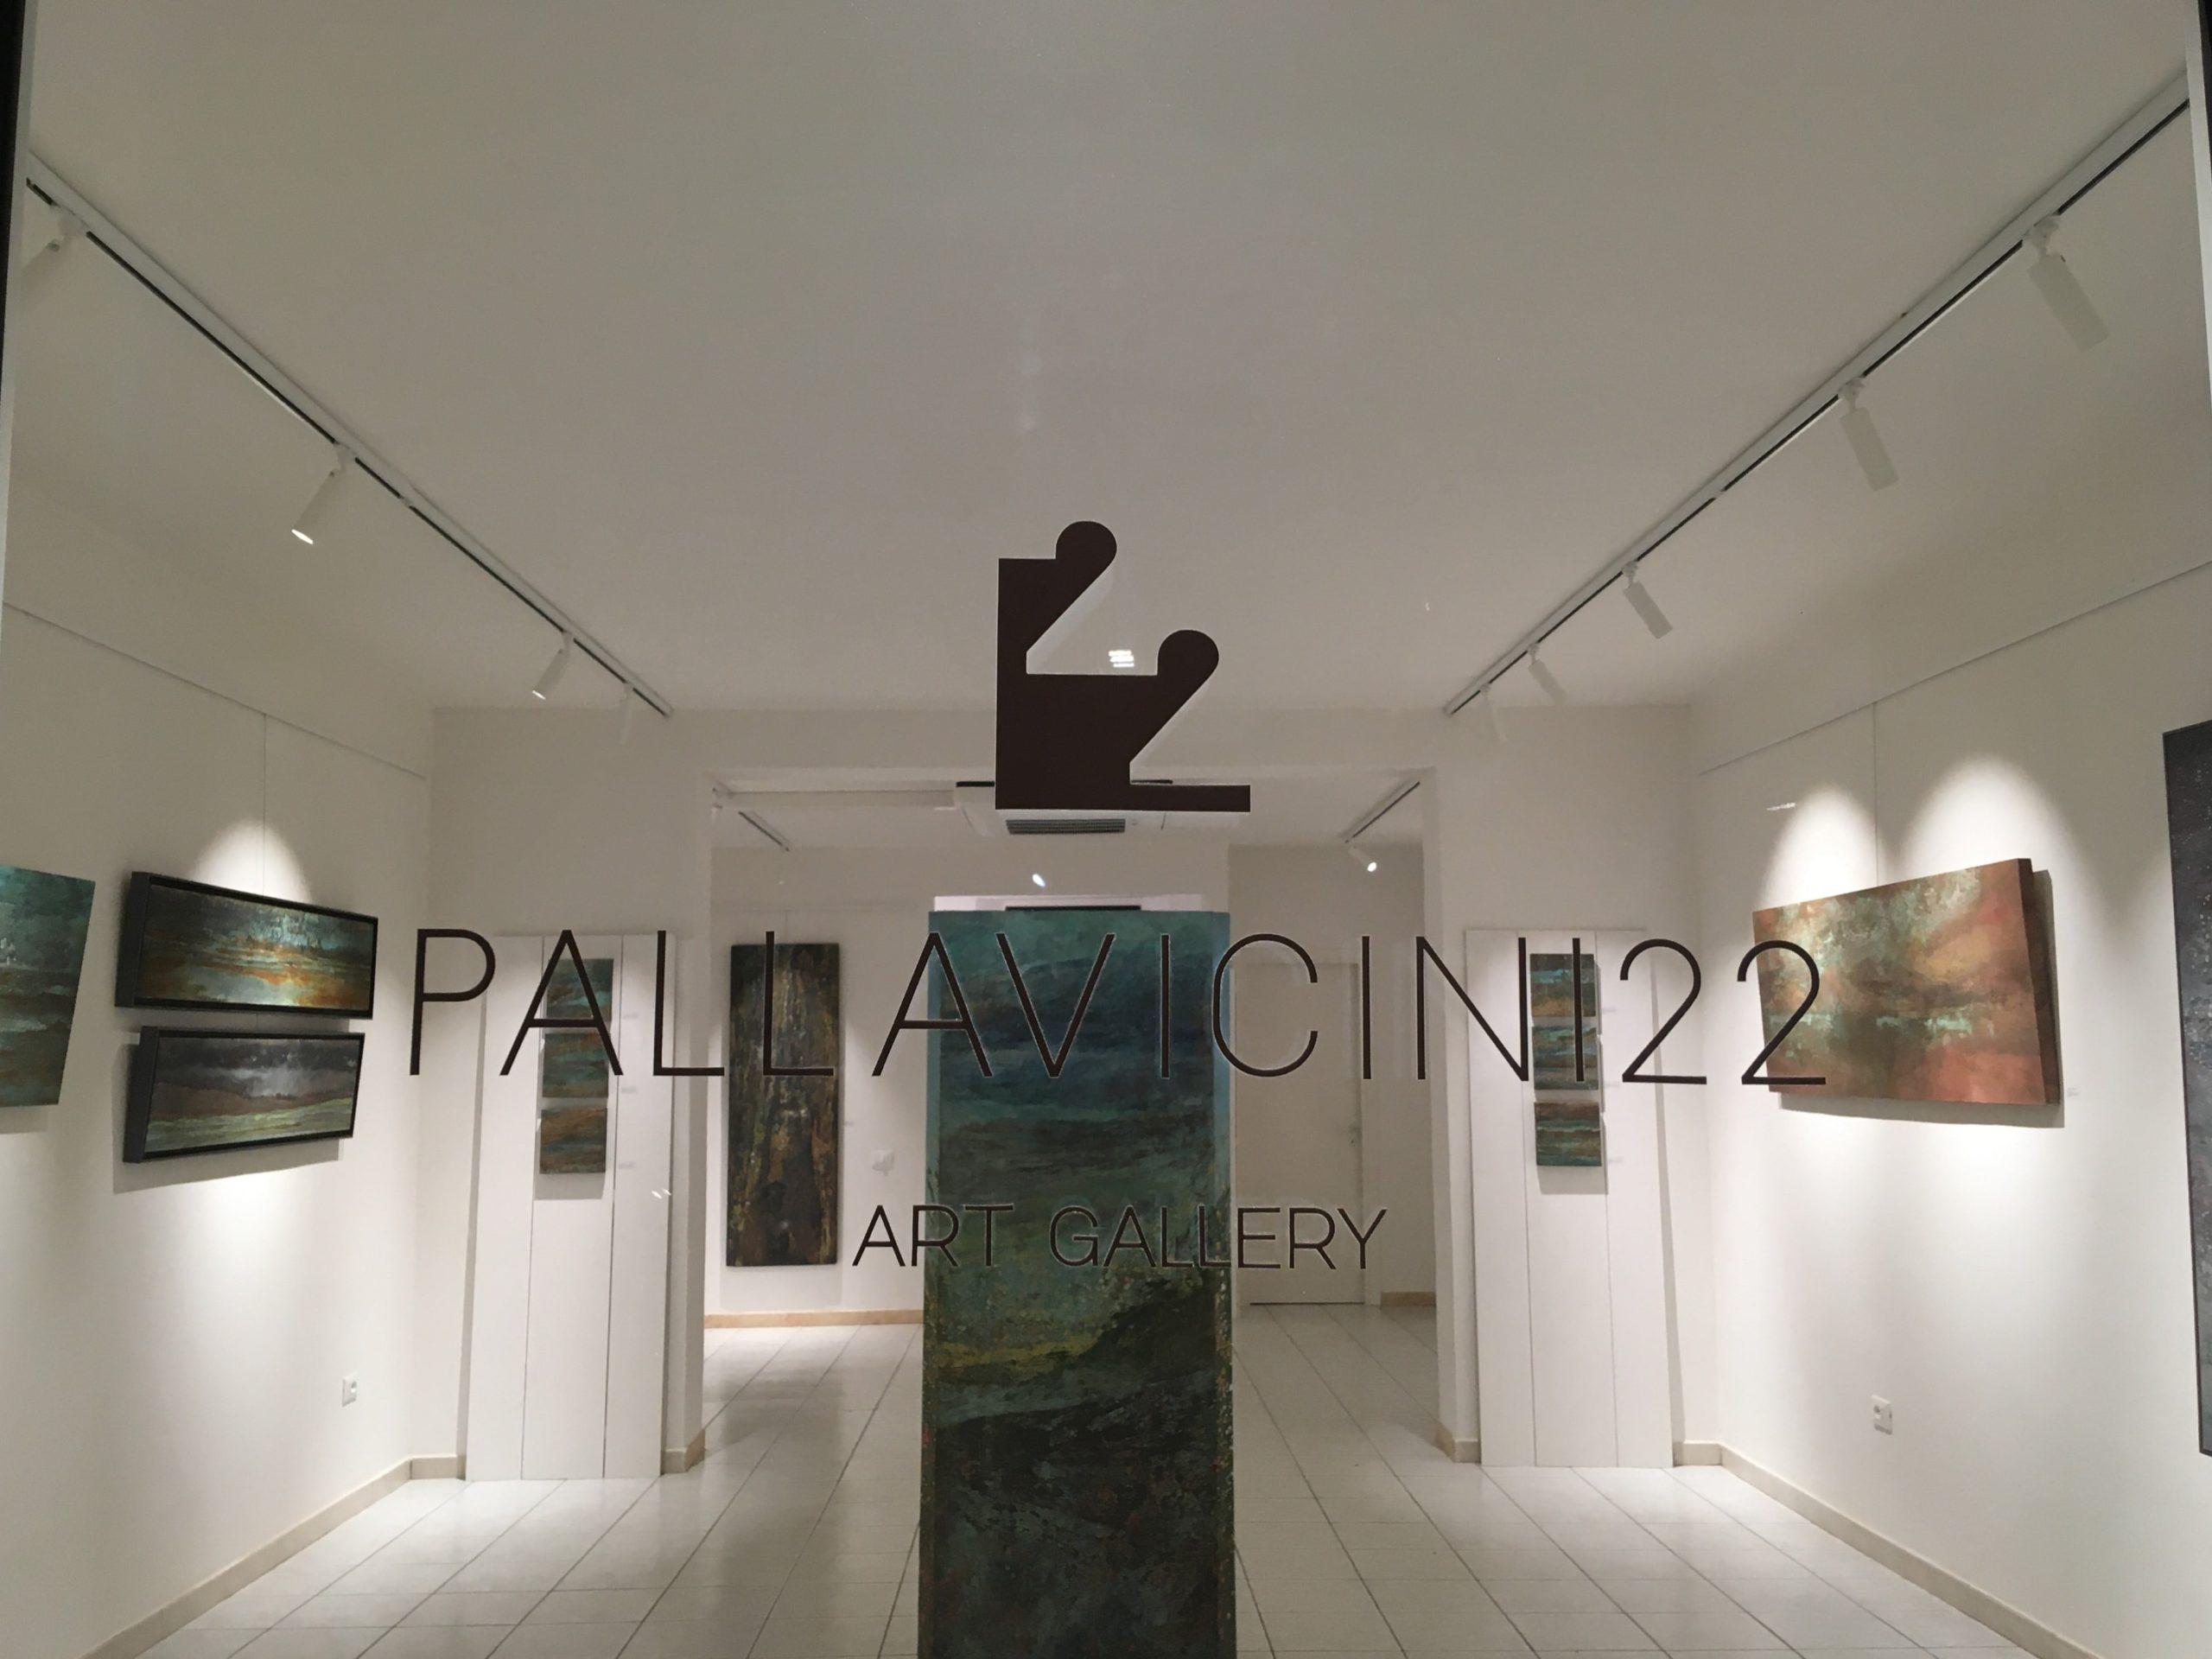 Le Terre dell'Anima | Pallavicini22 spazio espositivo Ravenna